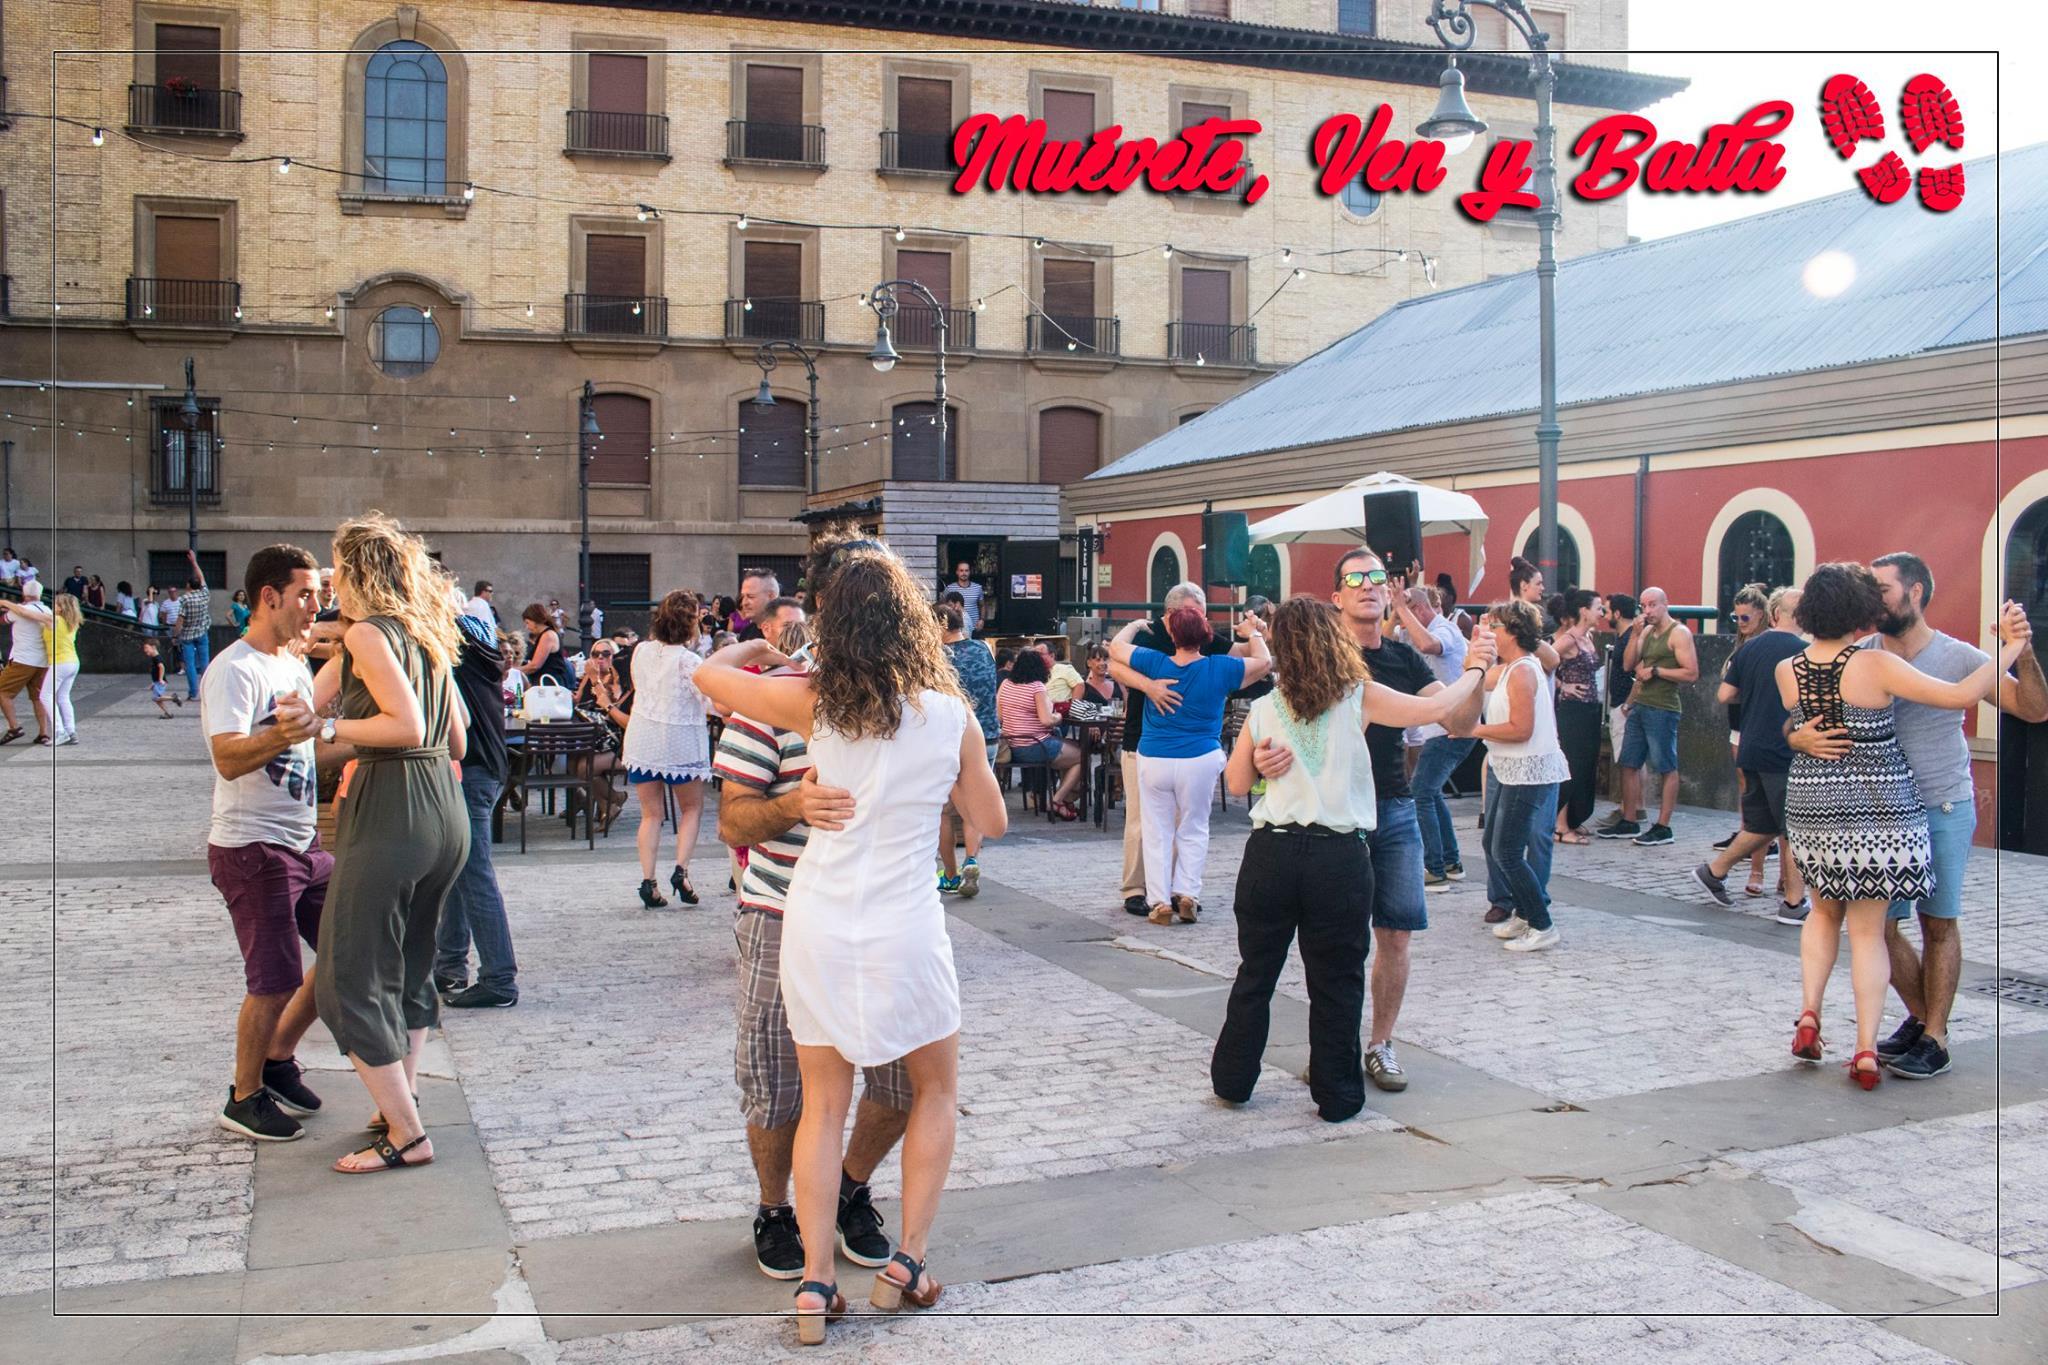 zentral-terraza-baile